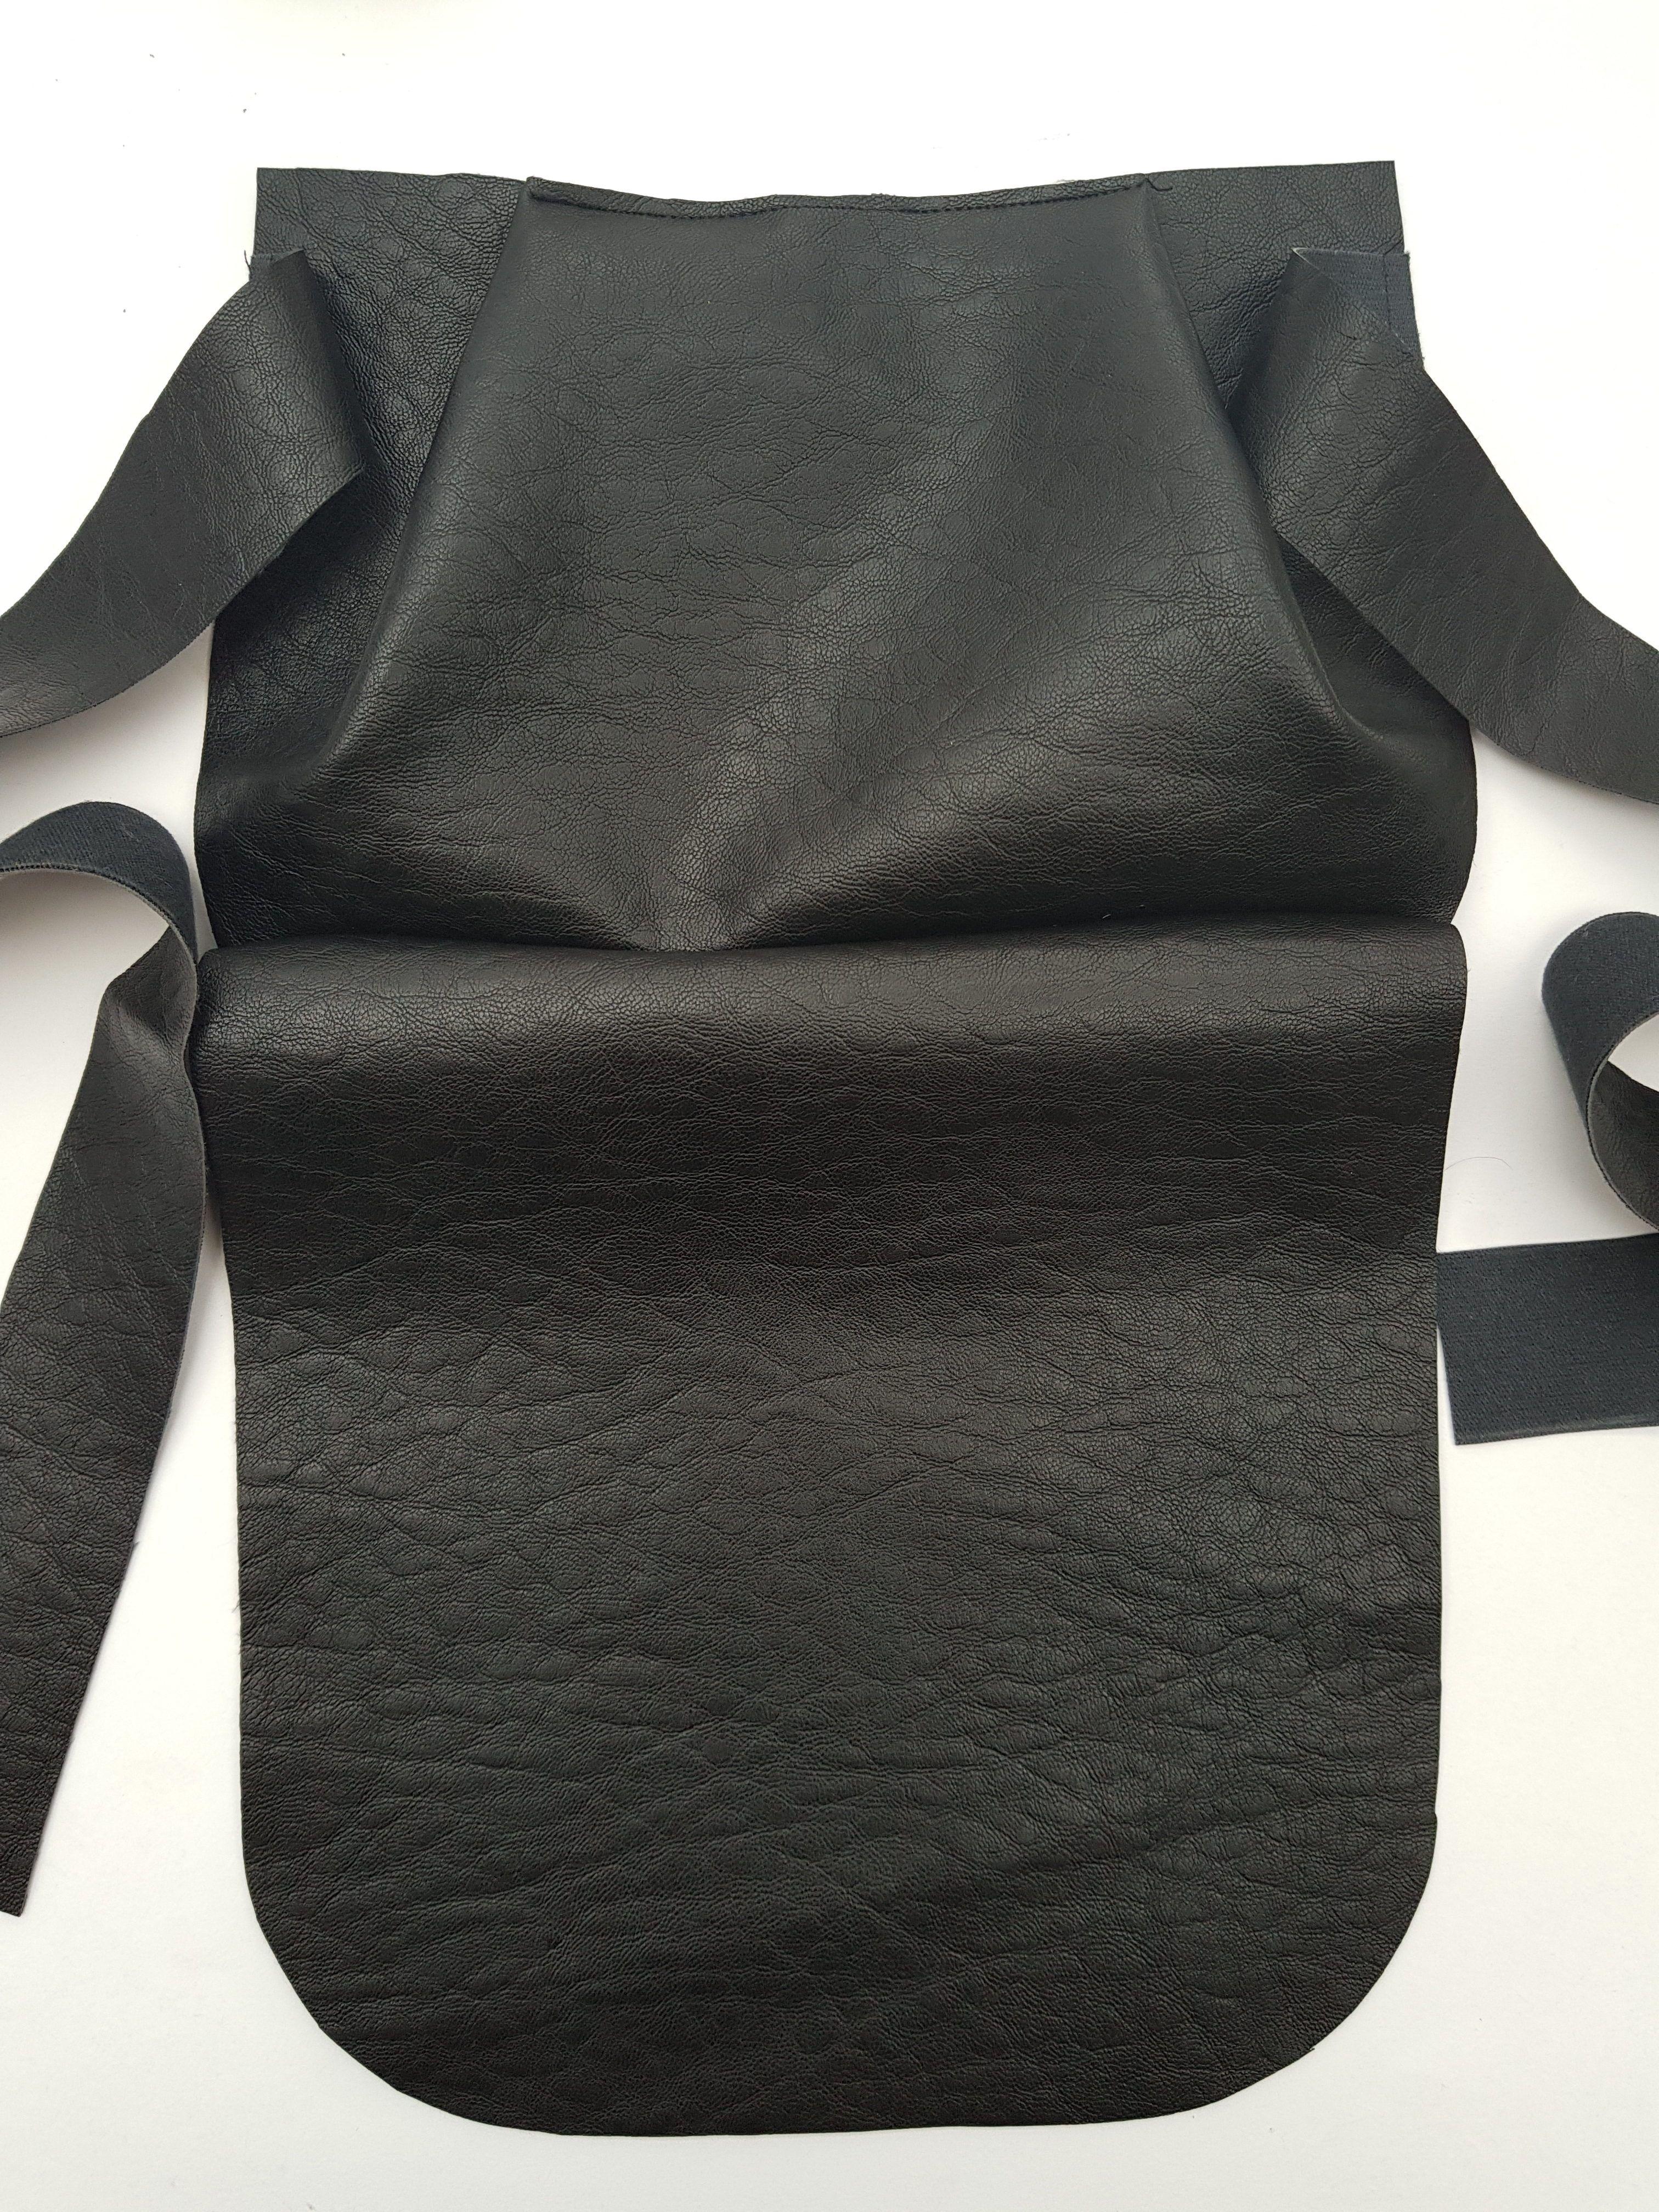 Coser una riñonera: patrón e instrucciones  – Bolsa